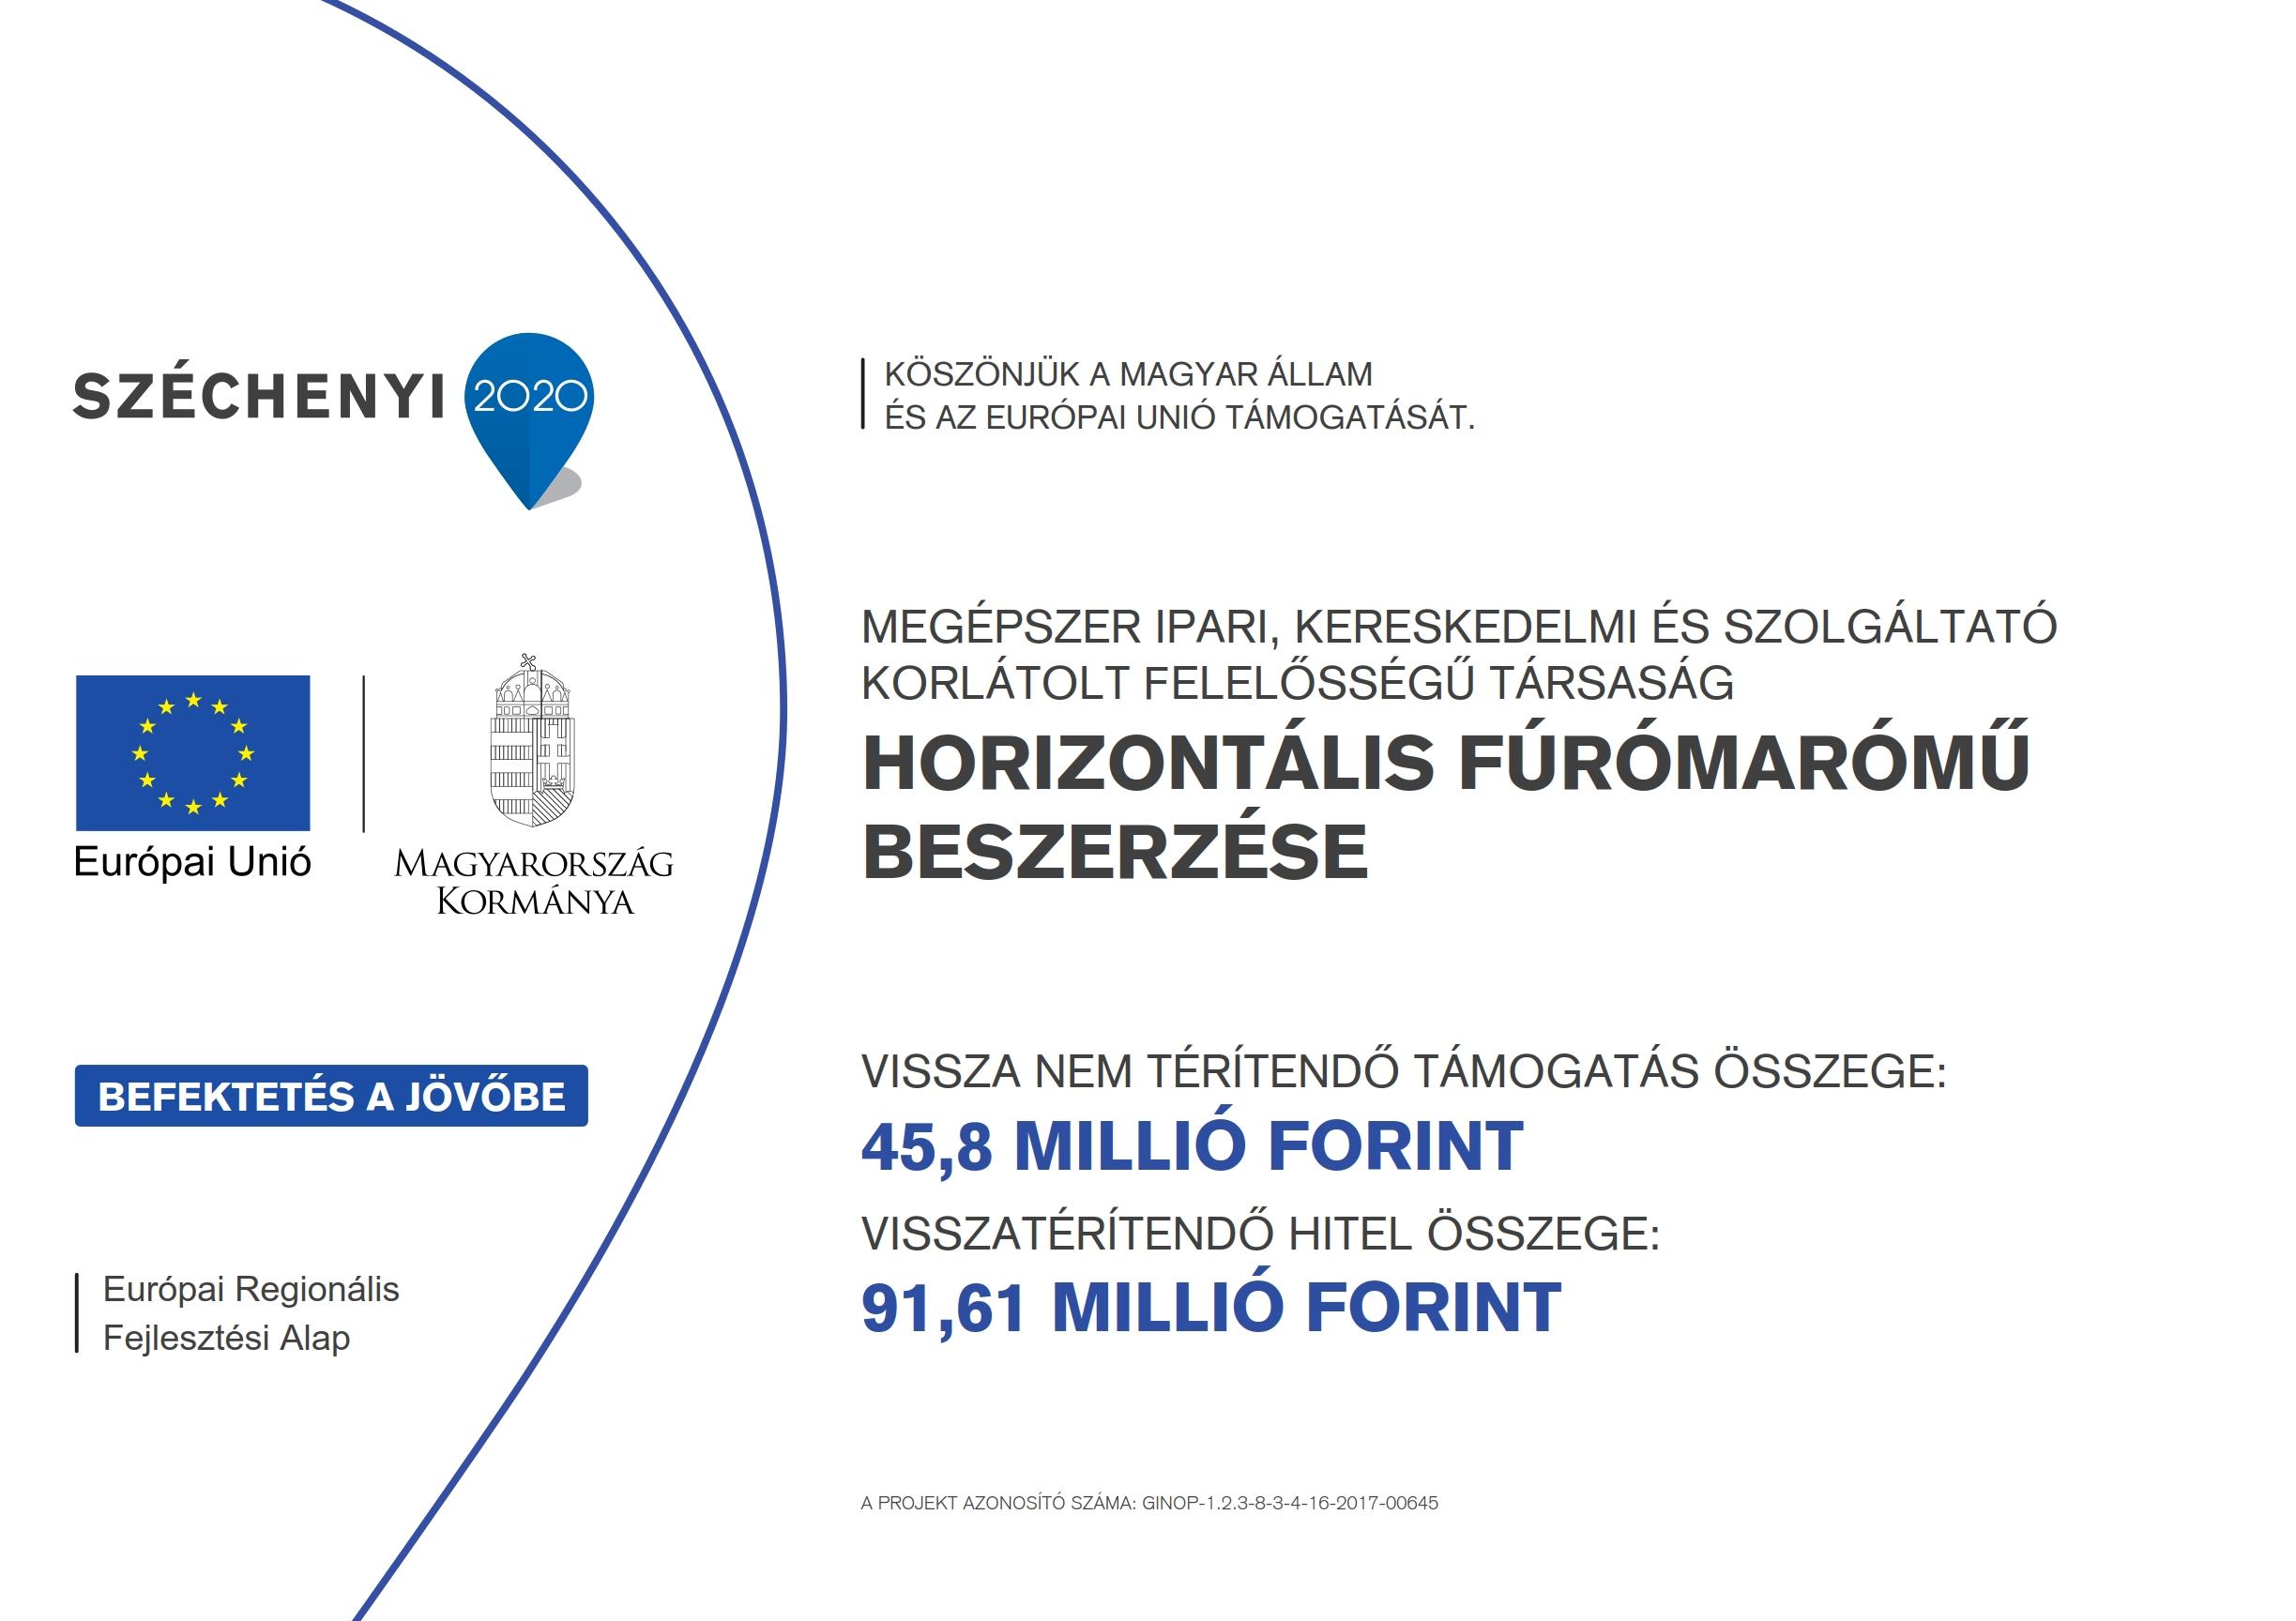 Új Széchenyi Kártya Program - COVID - Budapesti Kereskedelmi és Iparkamara